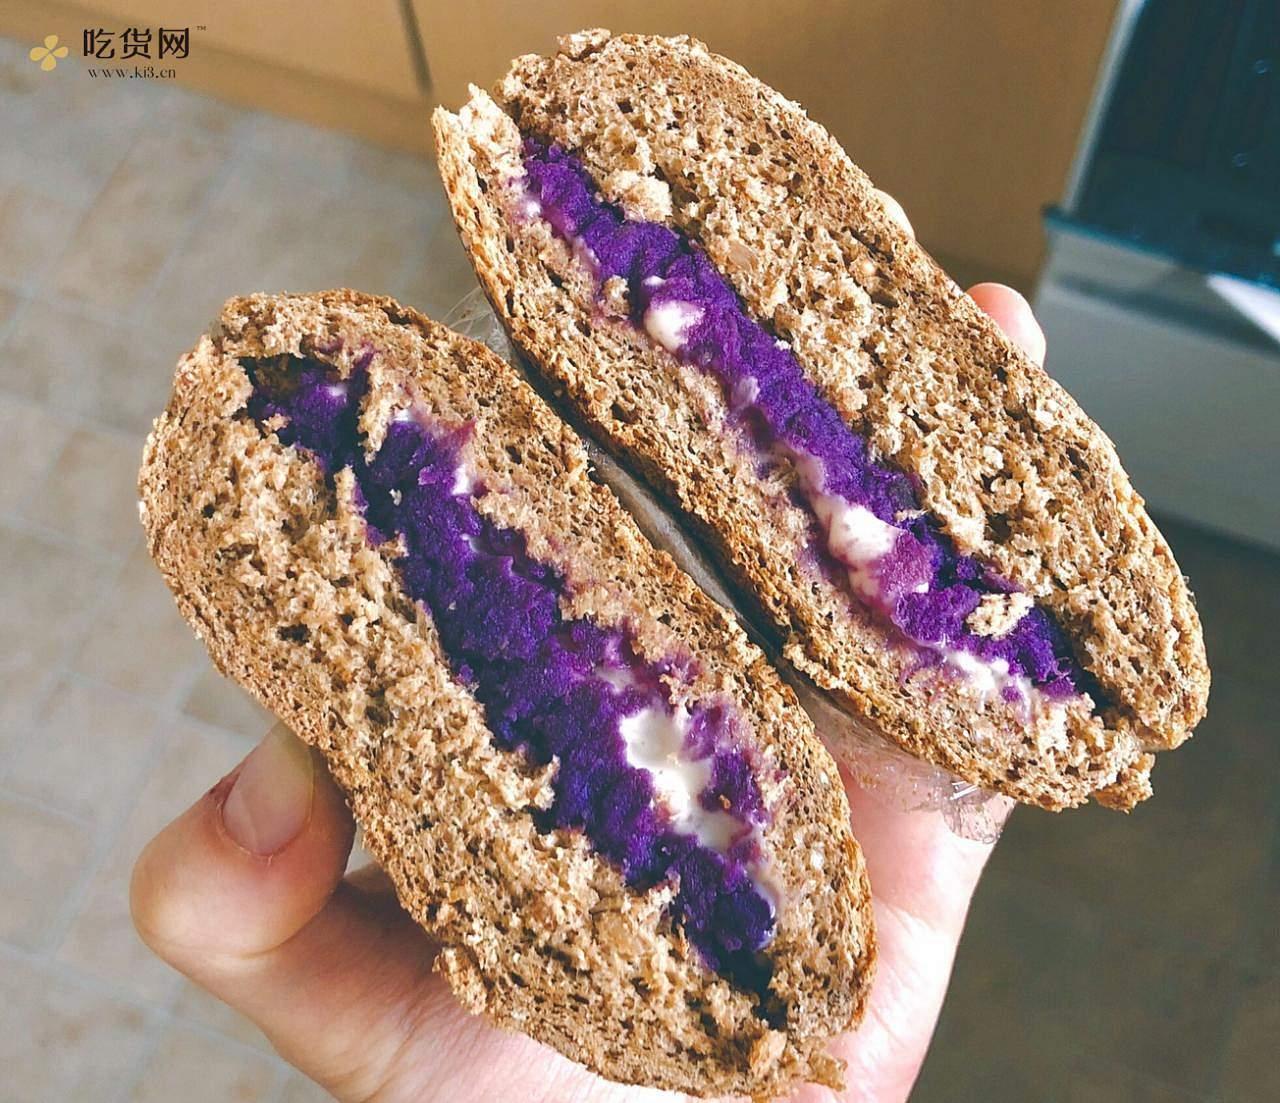 视觉味觉爆炸的全麦三明治系列|减脂万能公式 欢迎来玩!的做法 步骤6